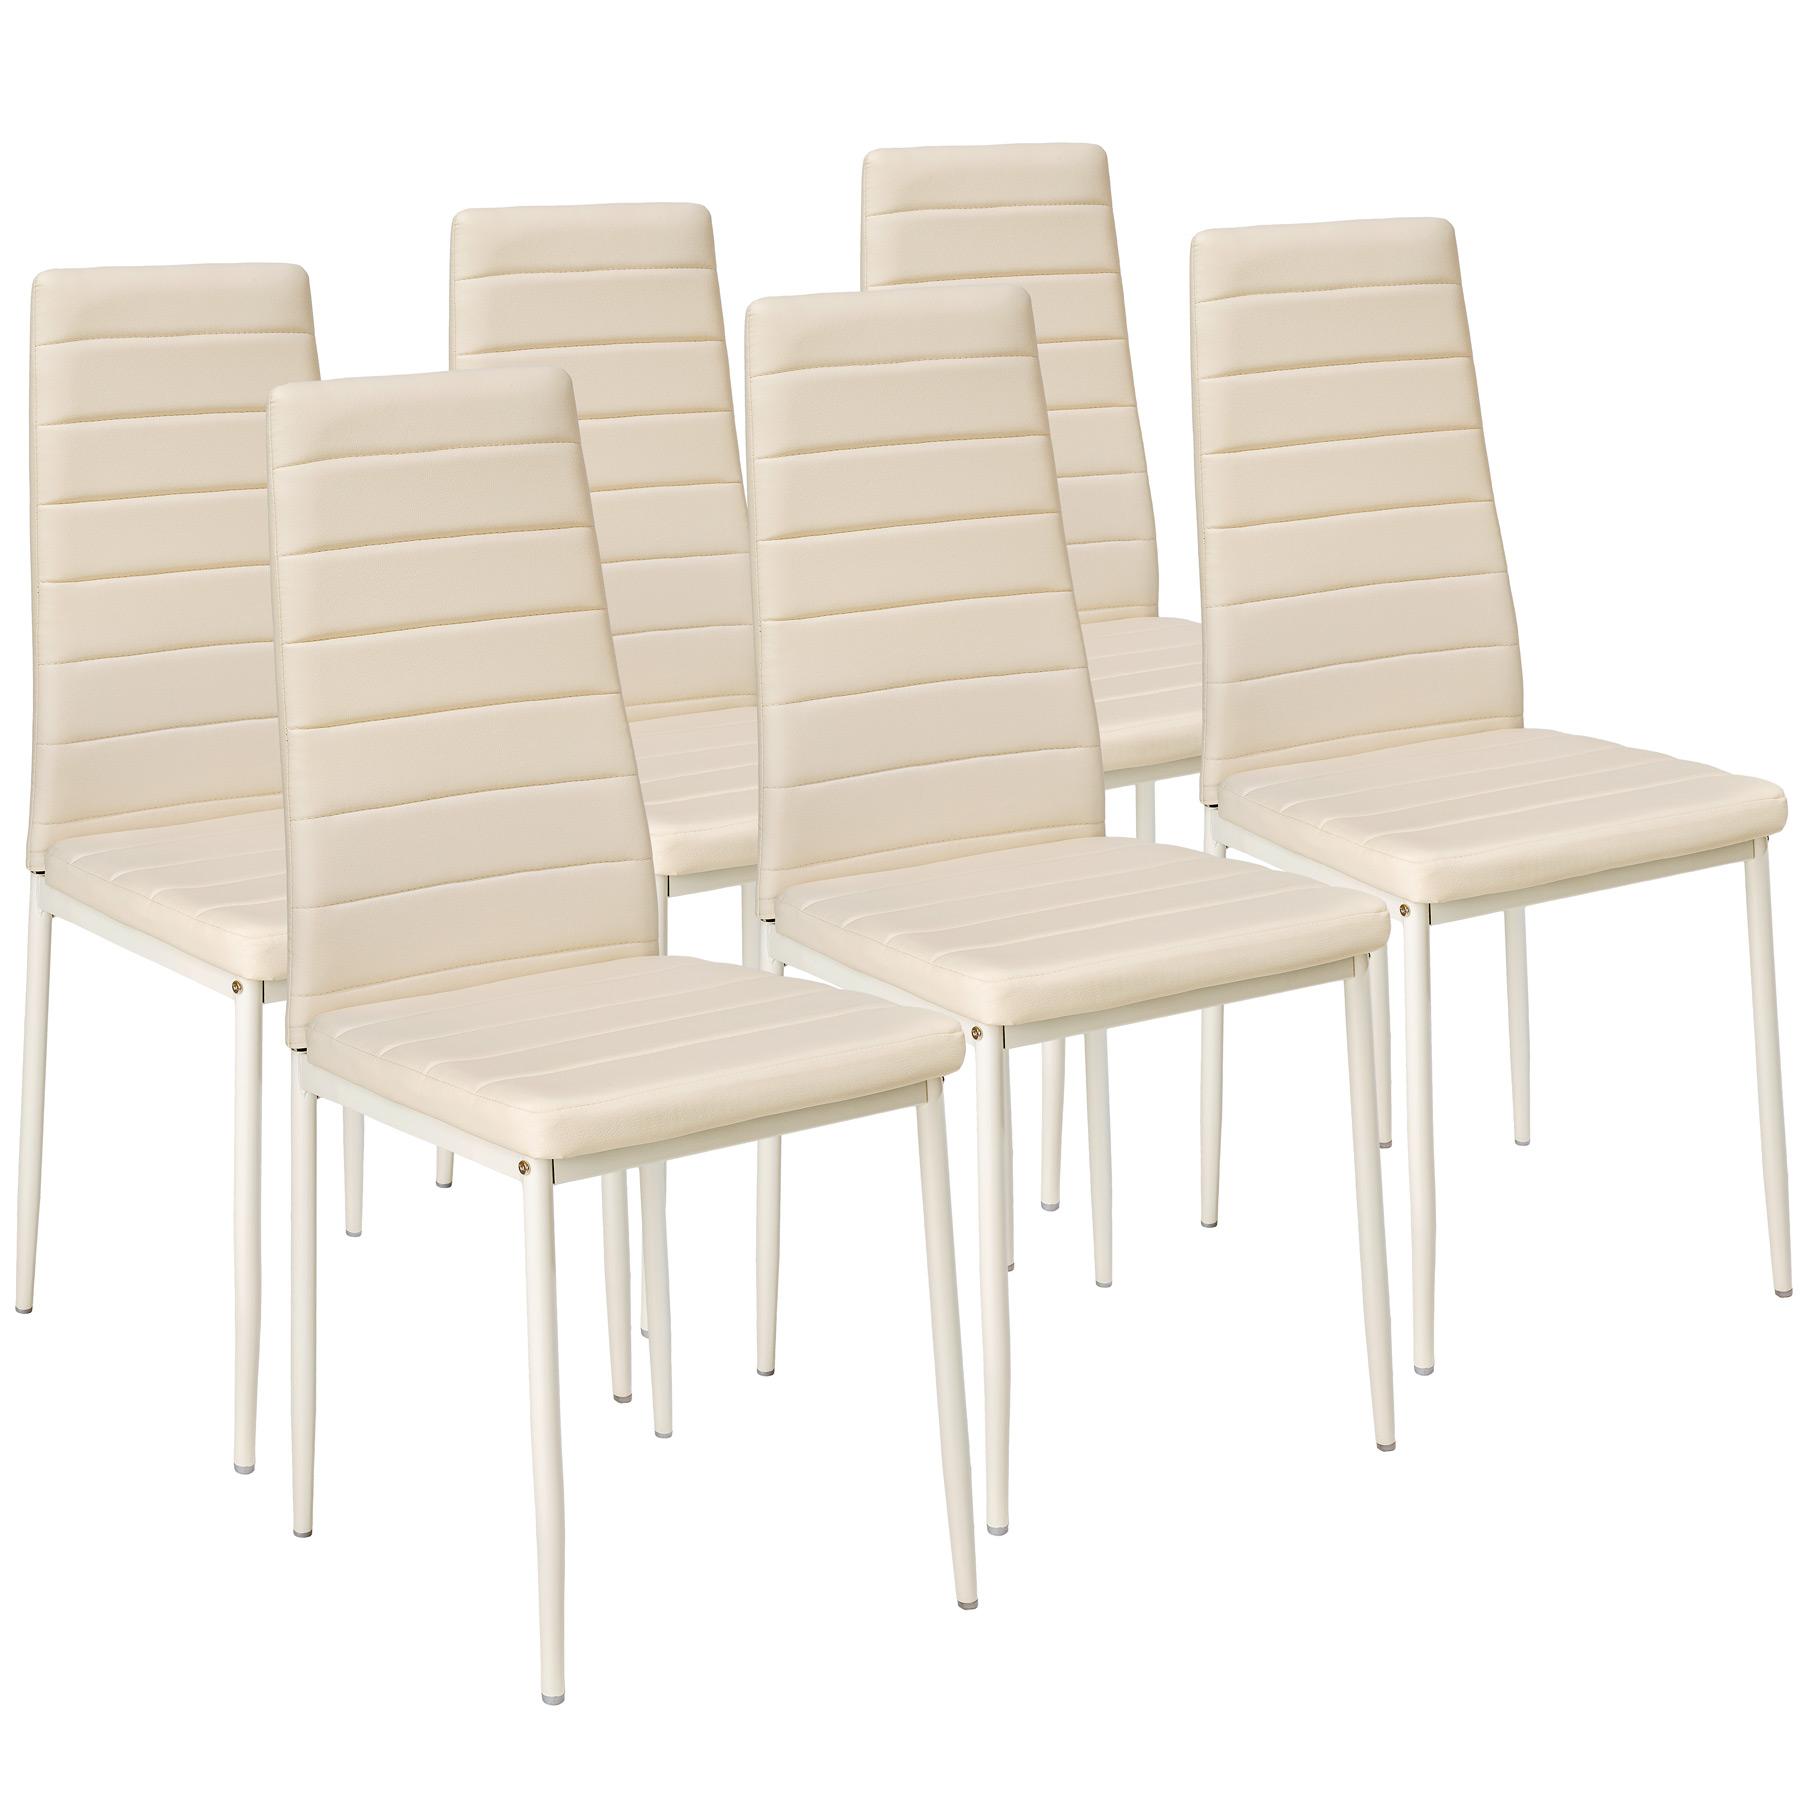 Set di 6 sedia per sala da pranzo tavolo cucina eleganti moderne ...